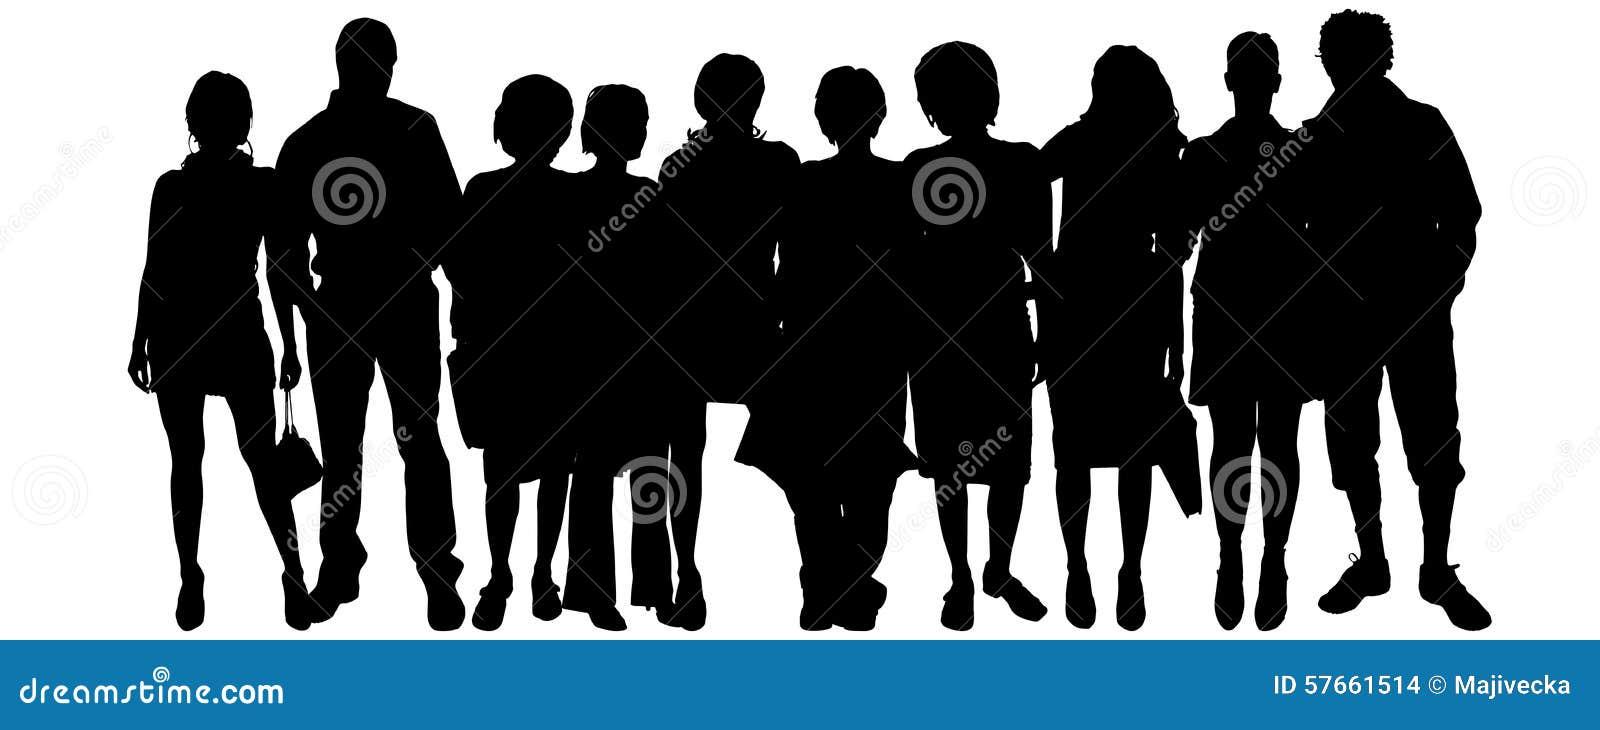 Διανυσματική σκιαγραφία μιας ομάδας ανθρώπων